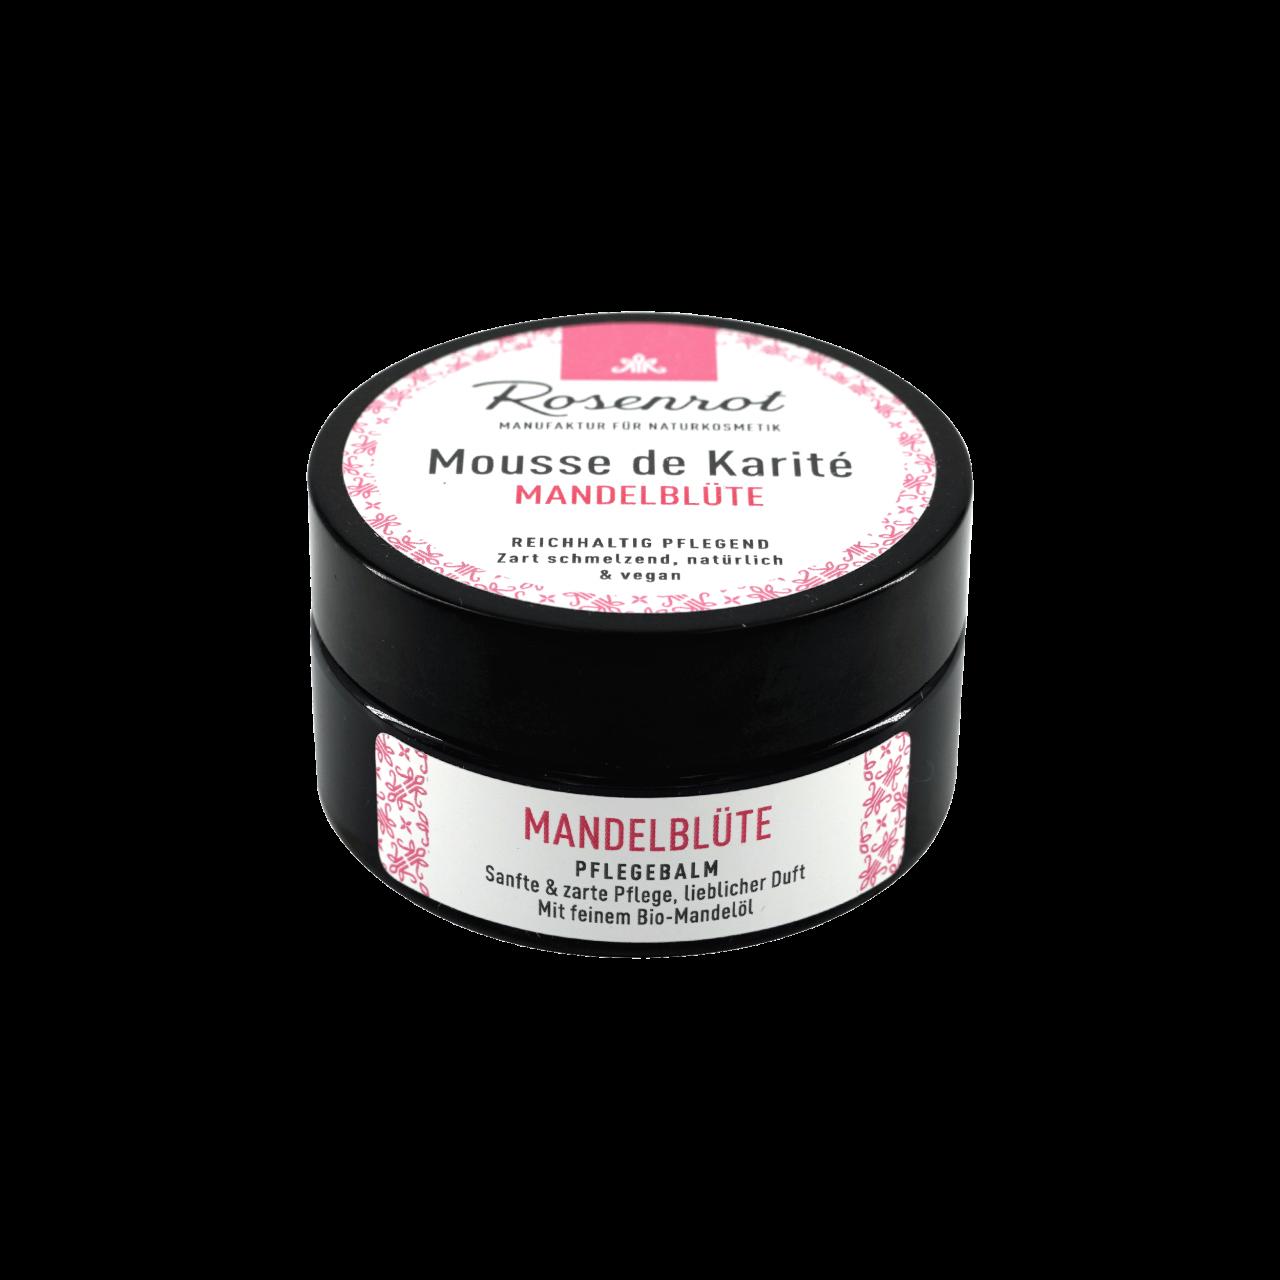 Mousse de Karité Mandelblüte